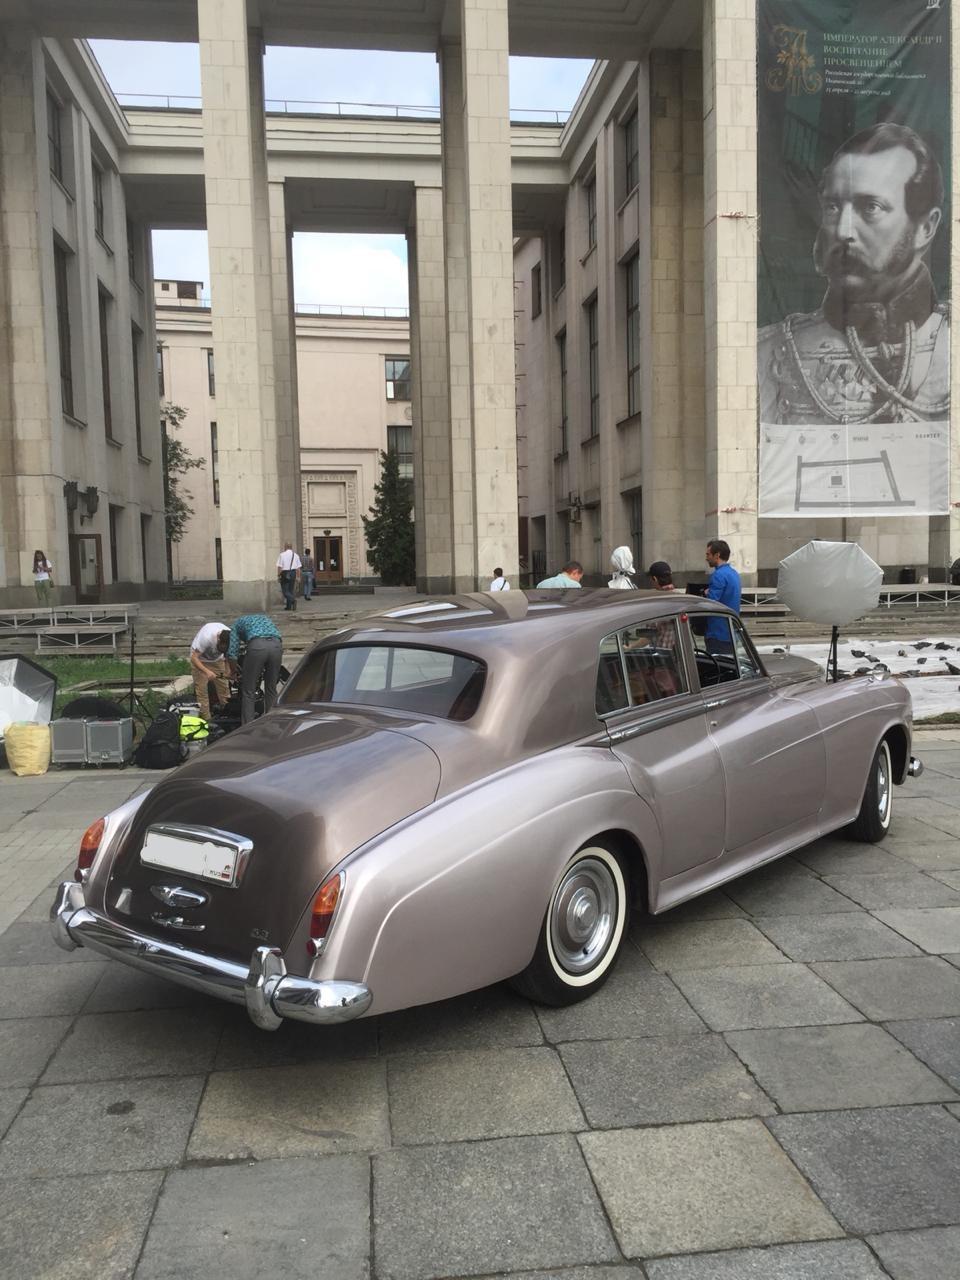 Bentley S3 - Rolls-Royce Silver Cloud III